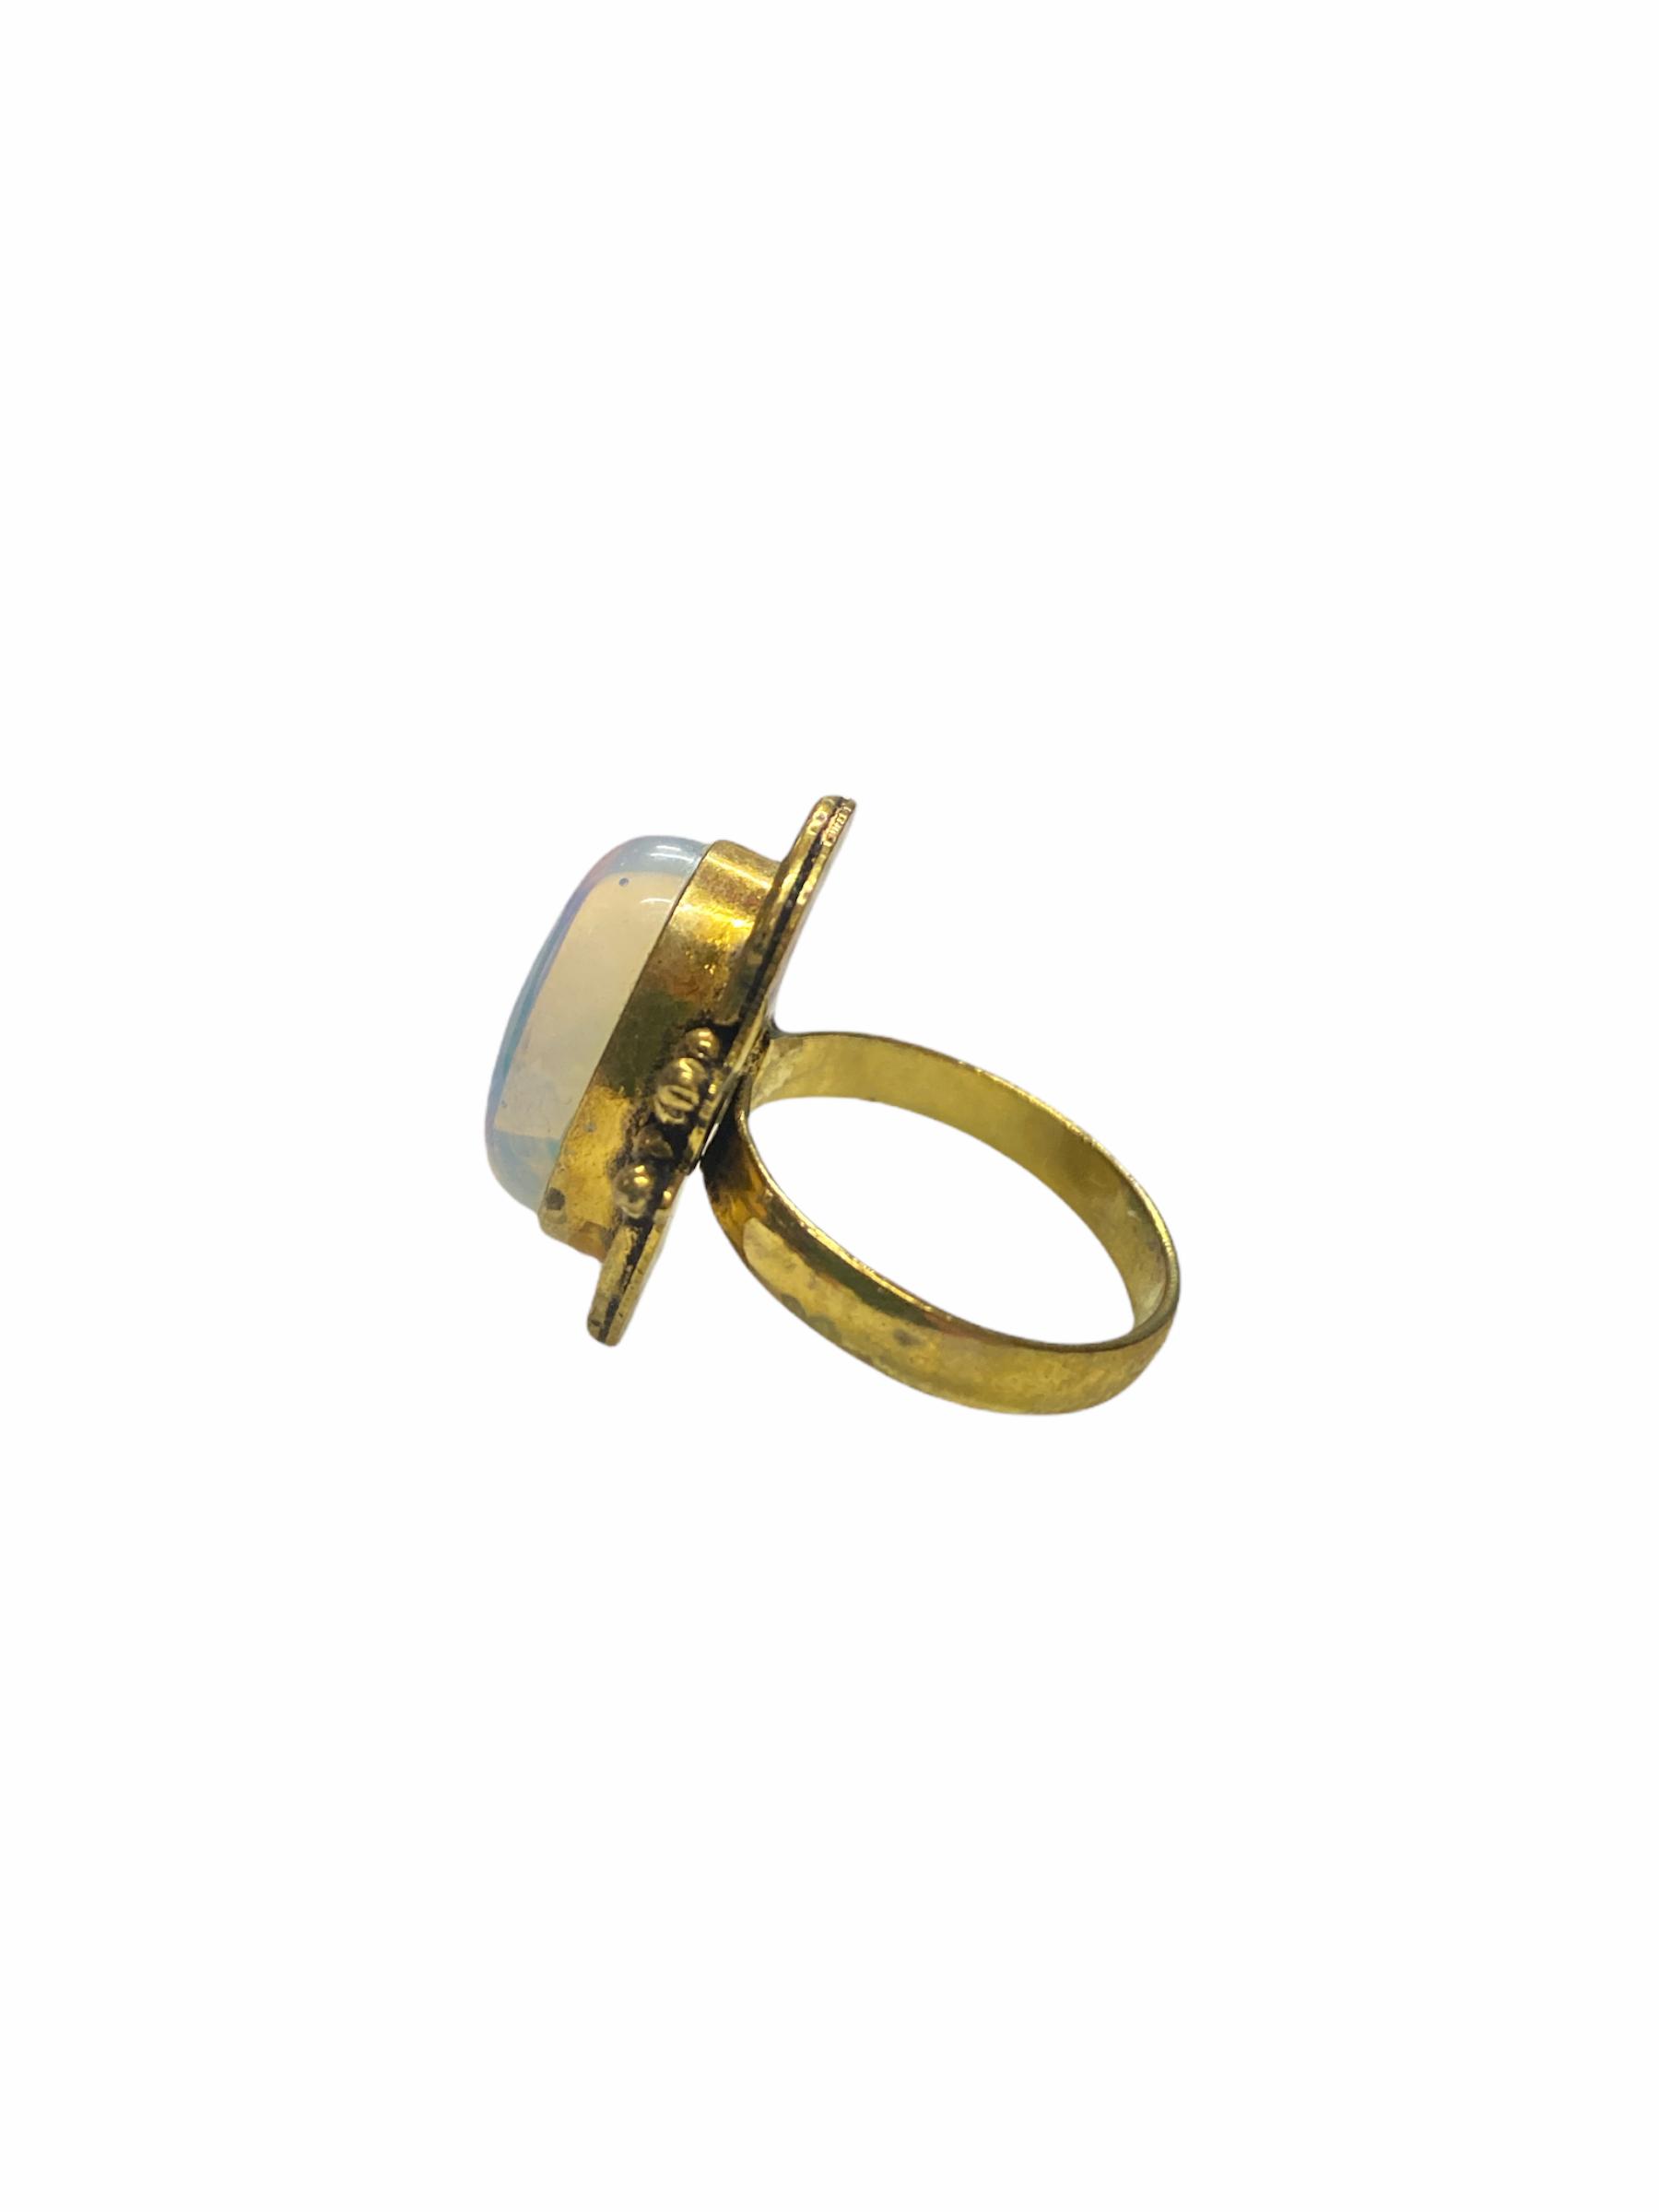 Δαχτυλίδι Χειροποίητο Με Διάφανος Χαλαζίας Σε Χρυσό Χρώμα